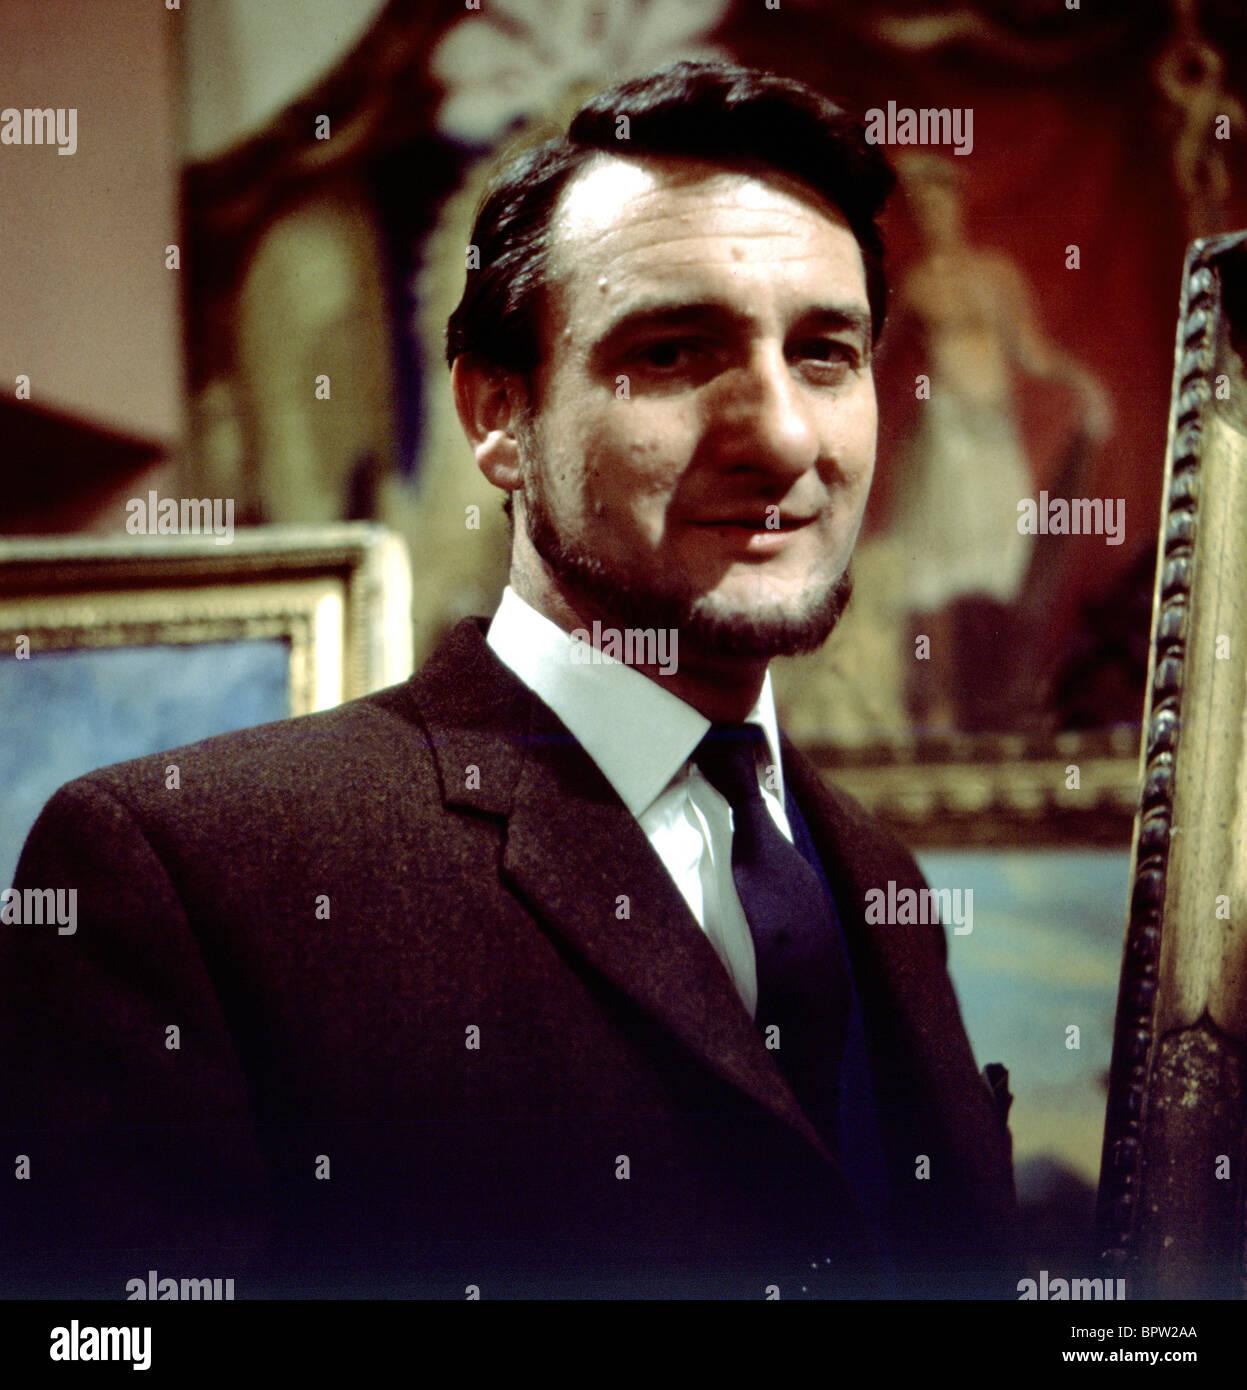 PETER JEFFREY ACTOR (1962) - Stock Image